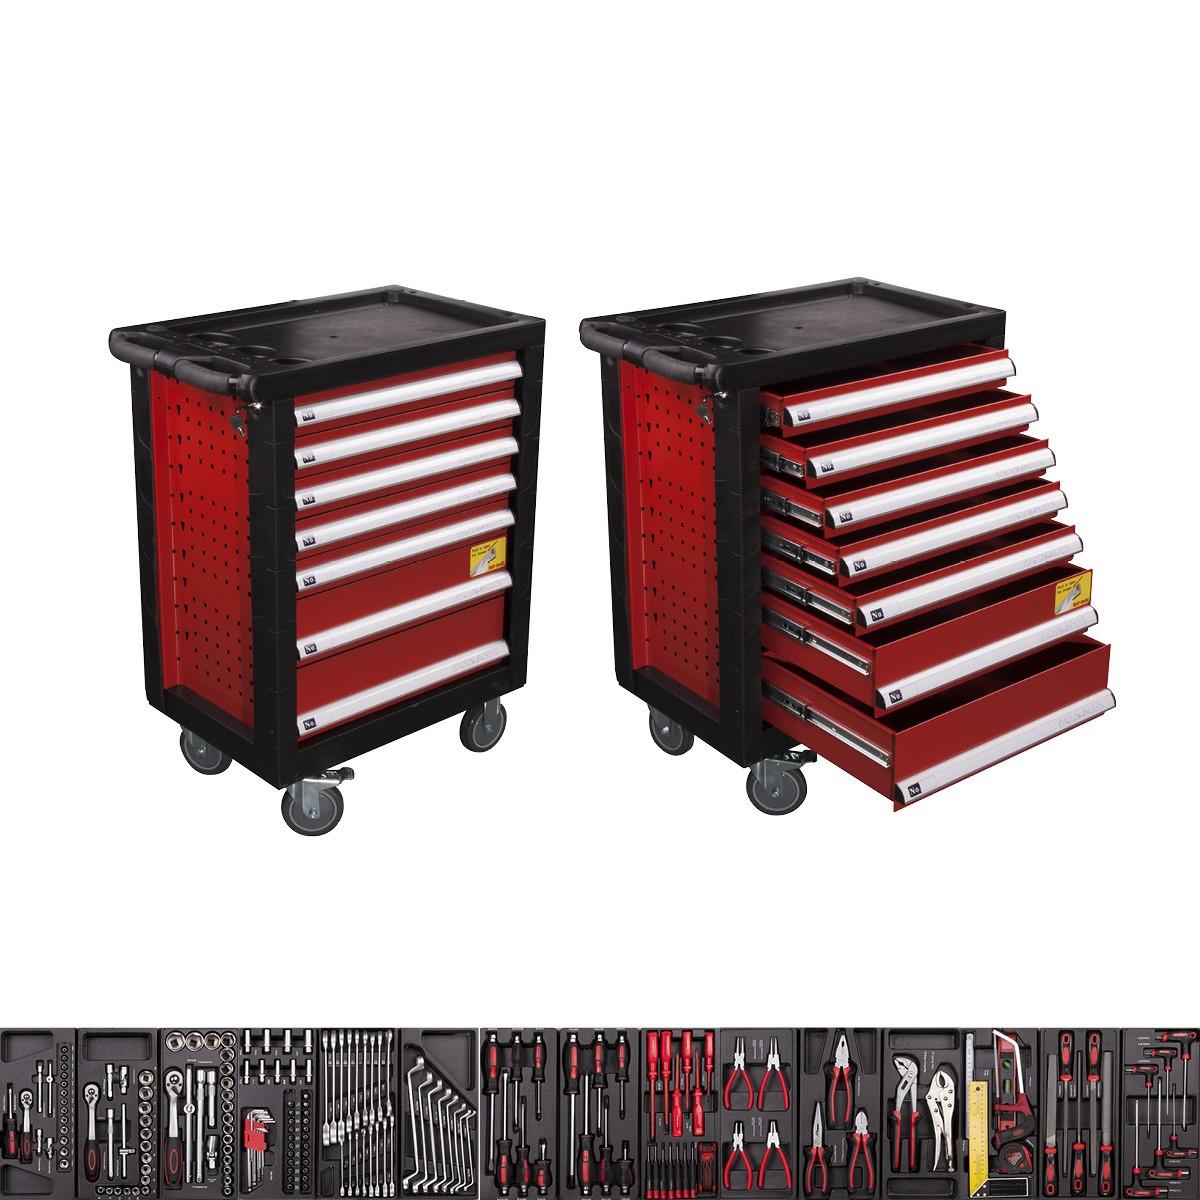 werkzeugwagen mit 7 schubladen inkl werkzeug werkstattwagen komplett 185 tlg ebay. Black Bedroom Furniture Sets. Home Design Ideas